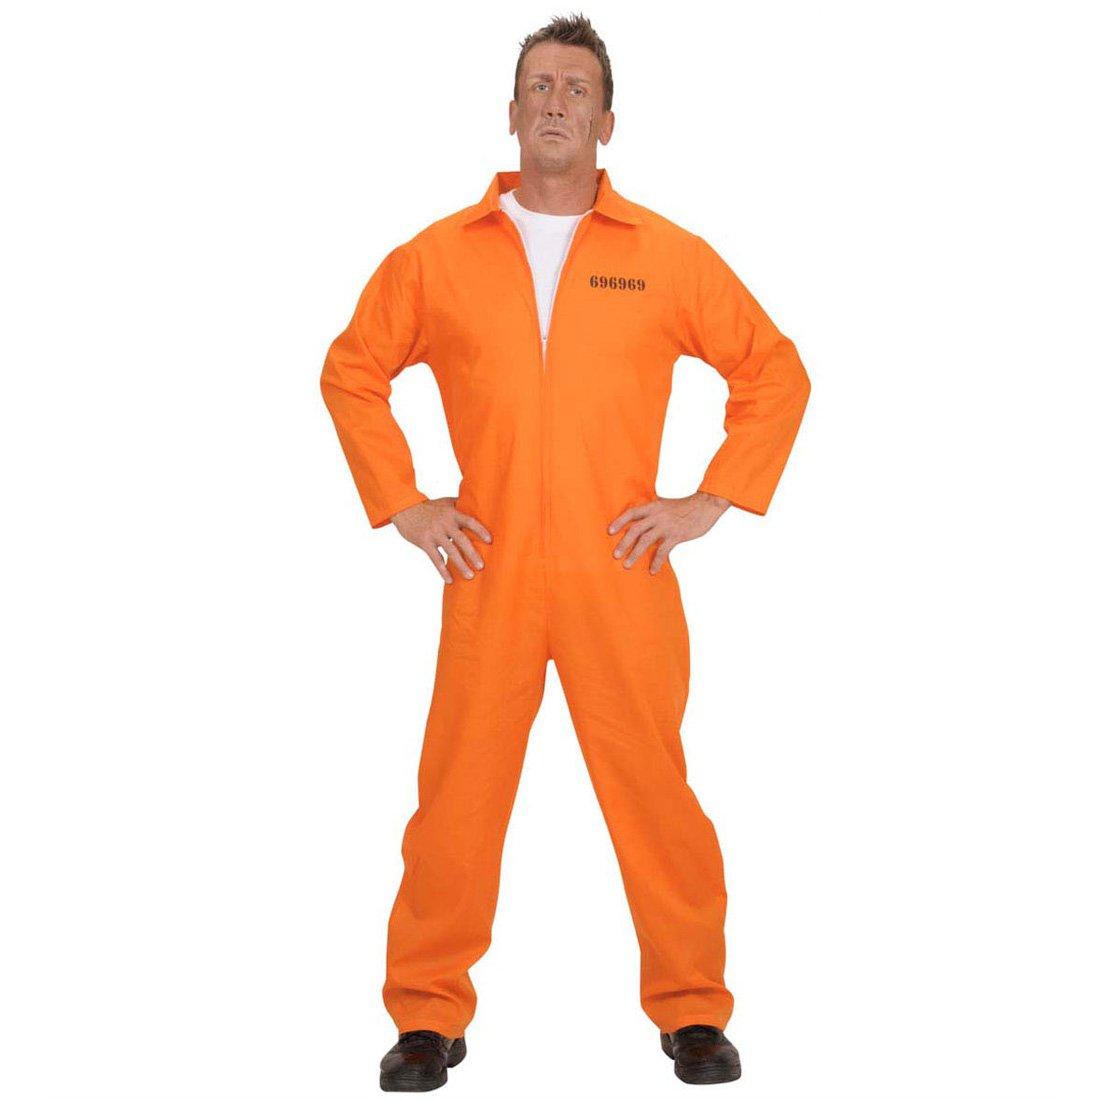 NET TOYS Costume Arancione detenuto Guantanamo tagliatravestimento carcerato Prigioniero Carnevale M 50//52